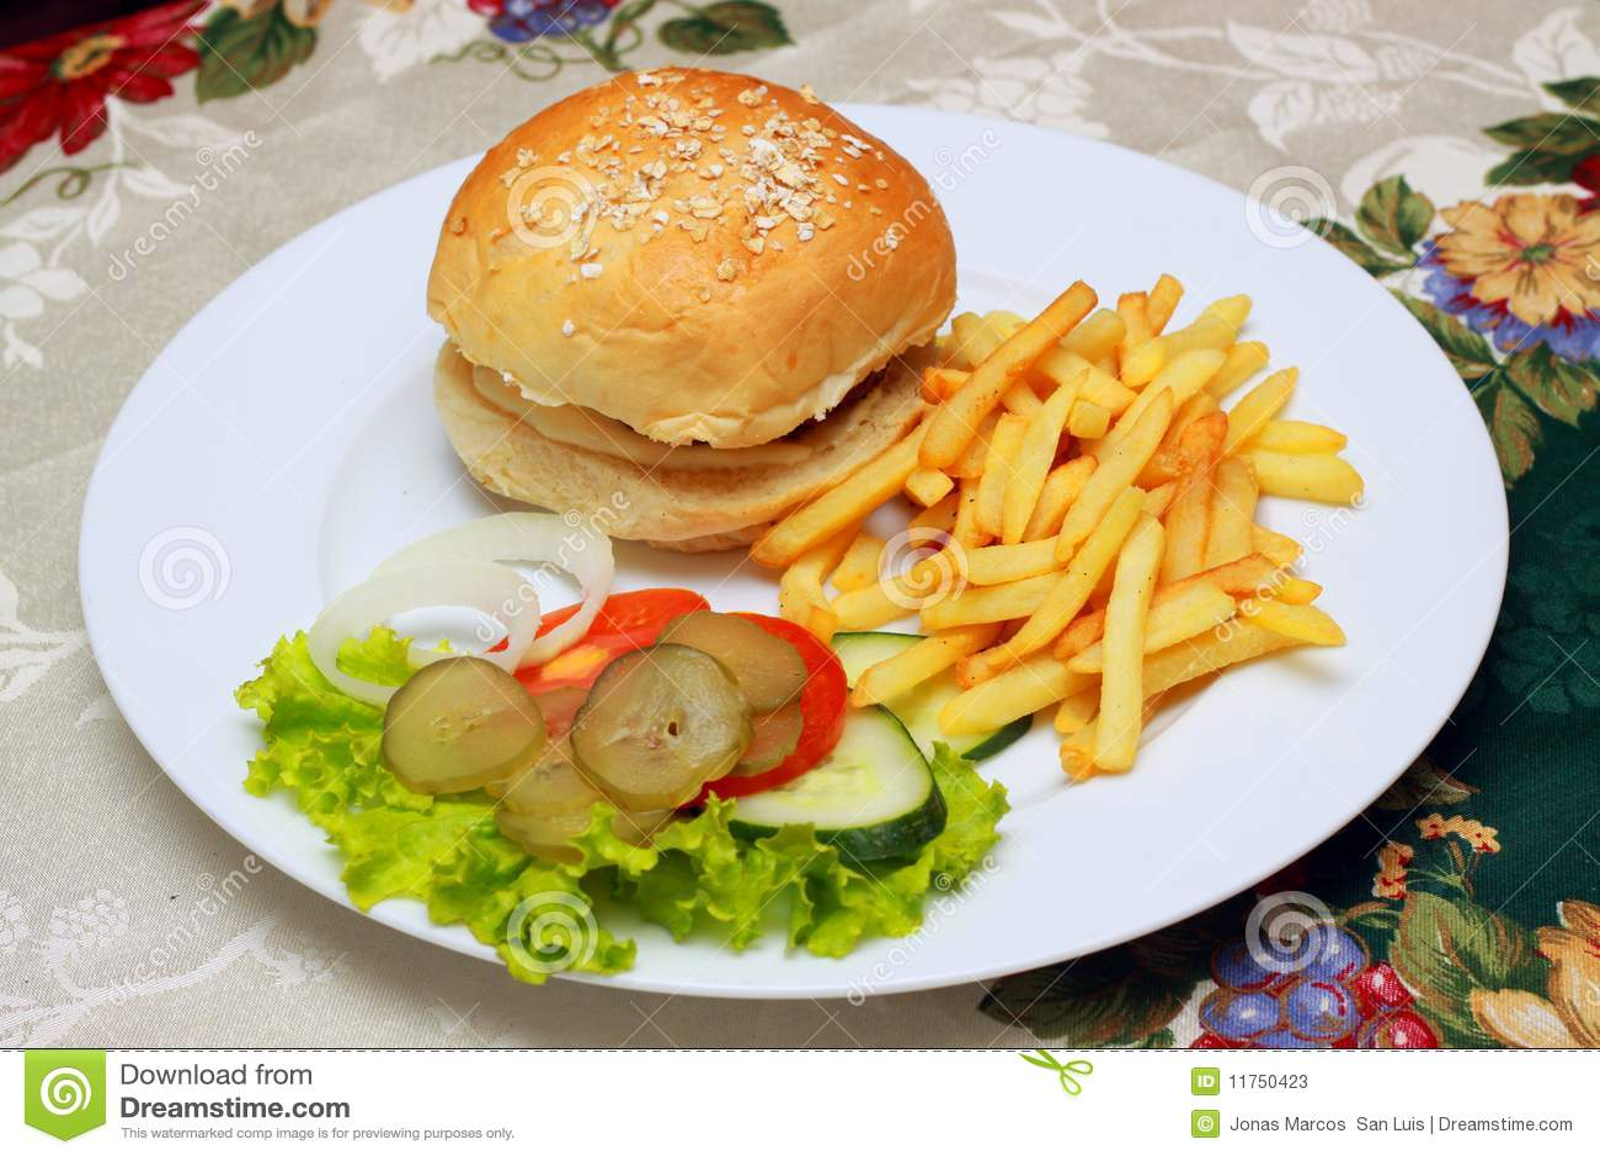 Burger And Fries Stock Photos - Image: 11750423